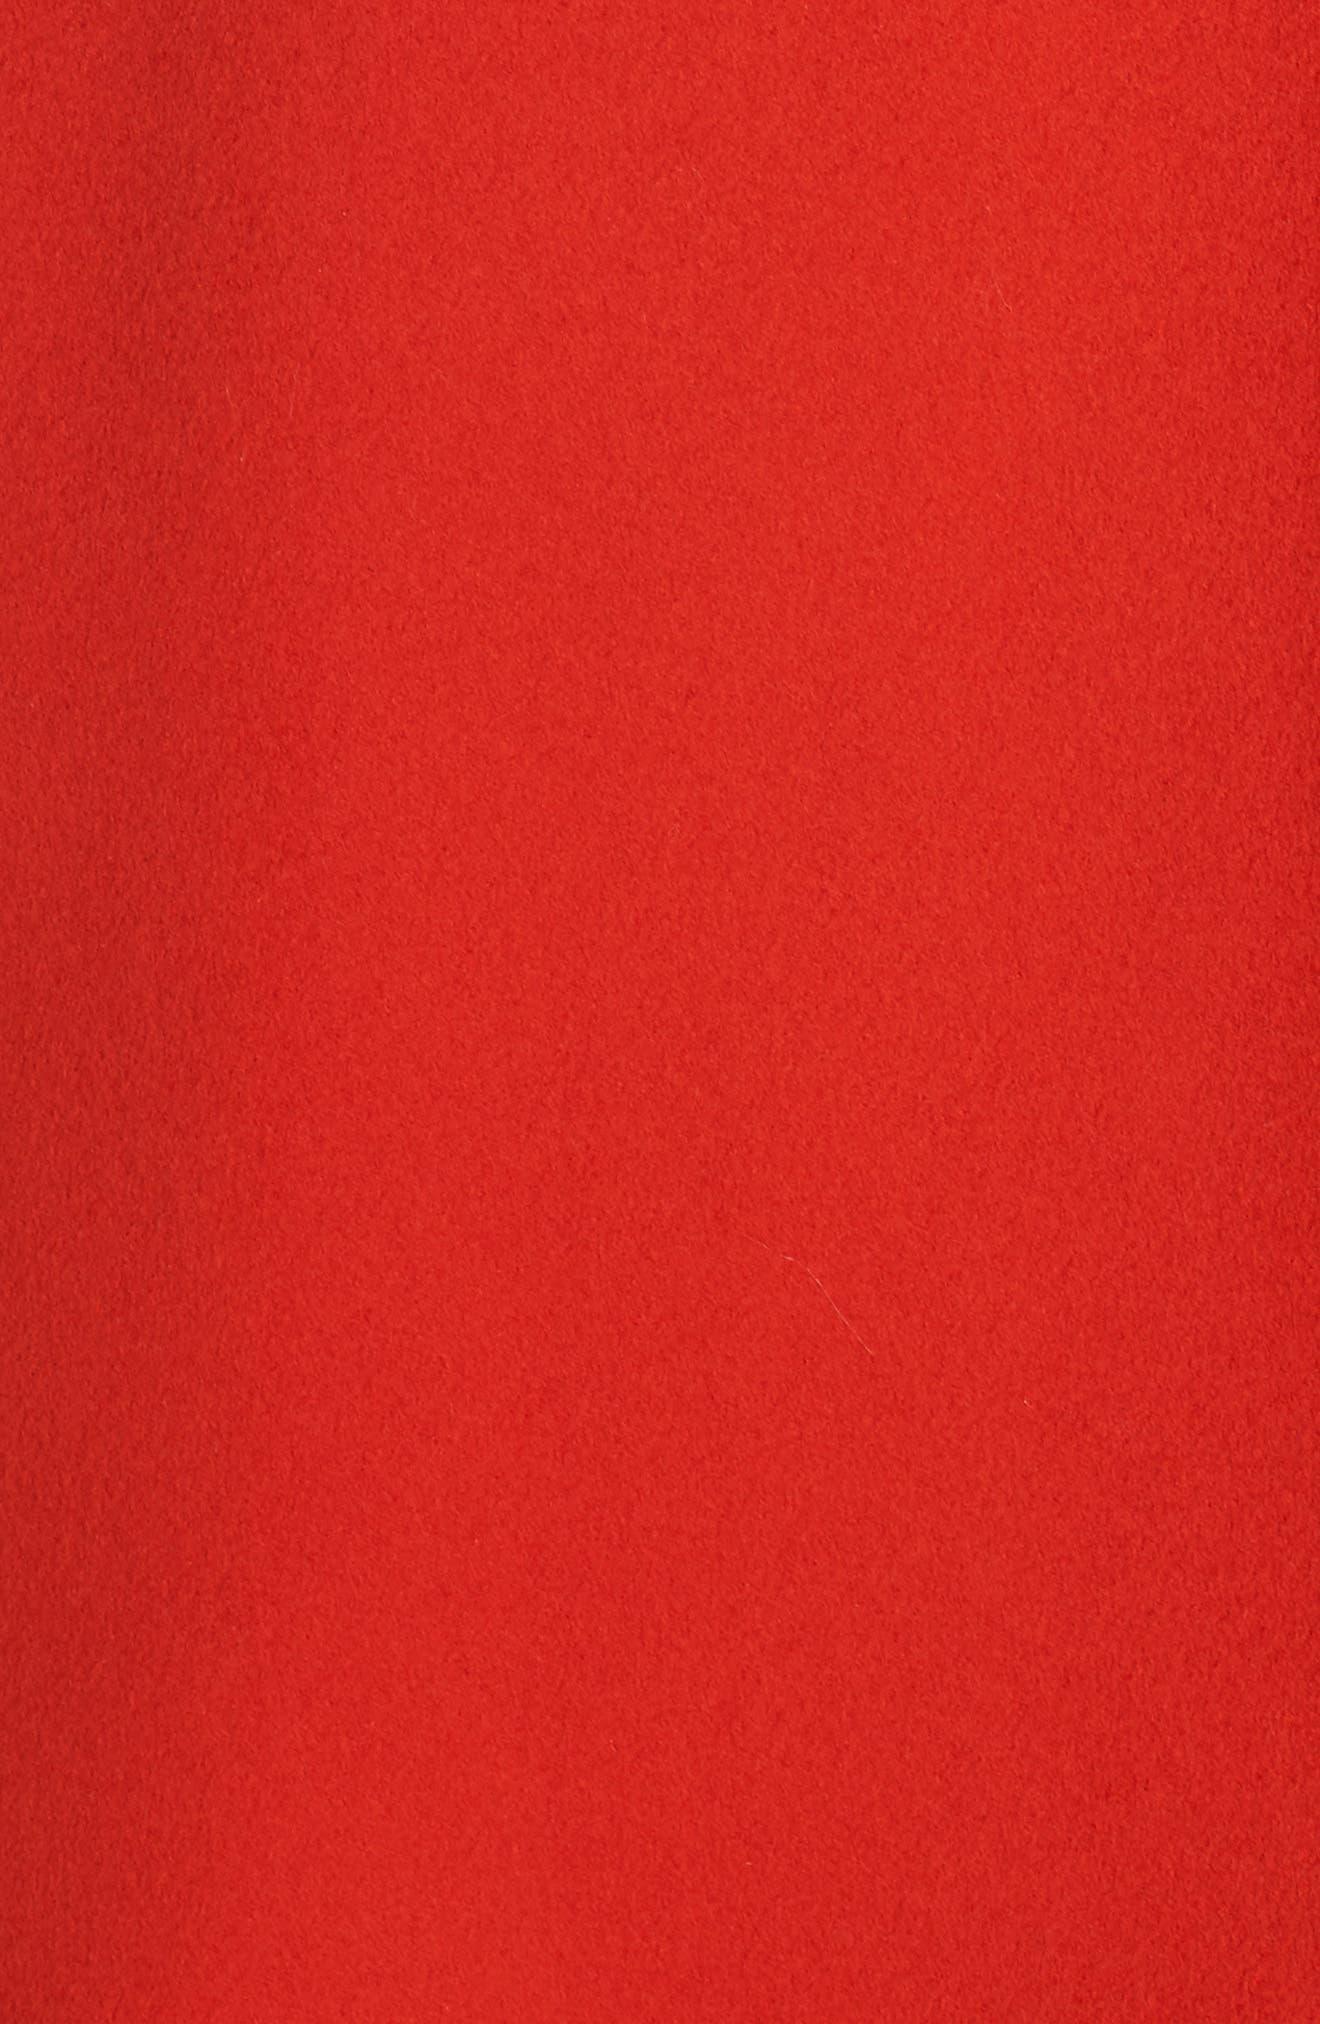 FLEURETTE,                             Loro Piana Wool Long Coat,                             Alternate thumbnail 7, color,                             SAFFRON